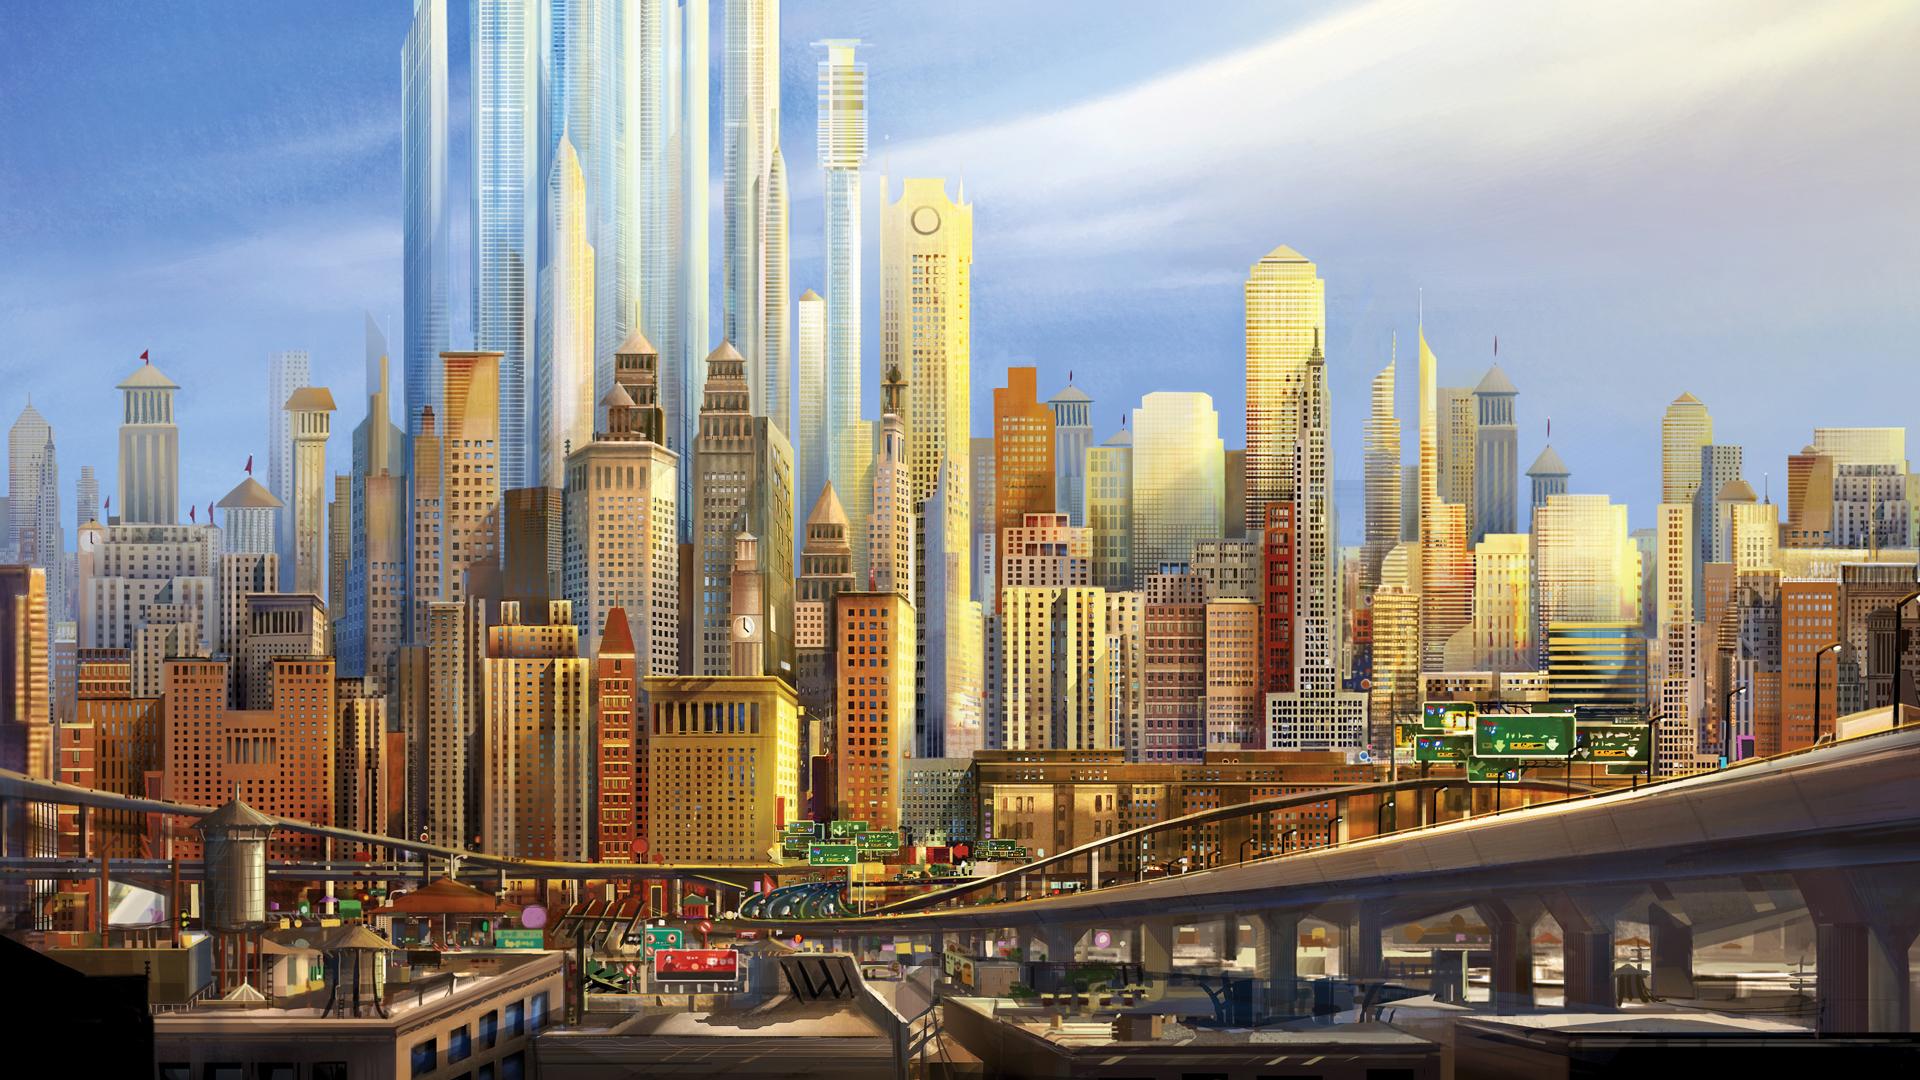 Картинки из игры мегаполиса